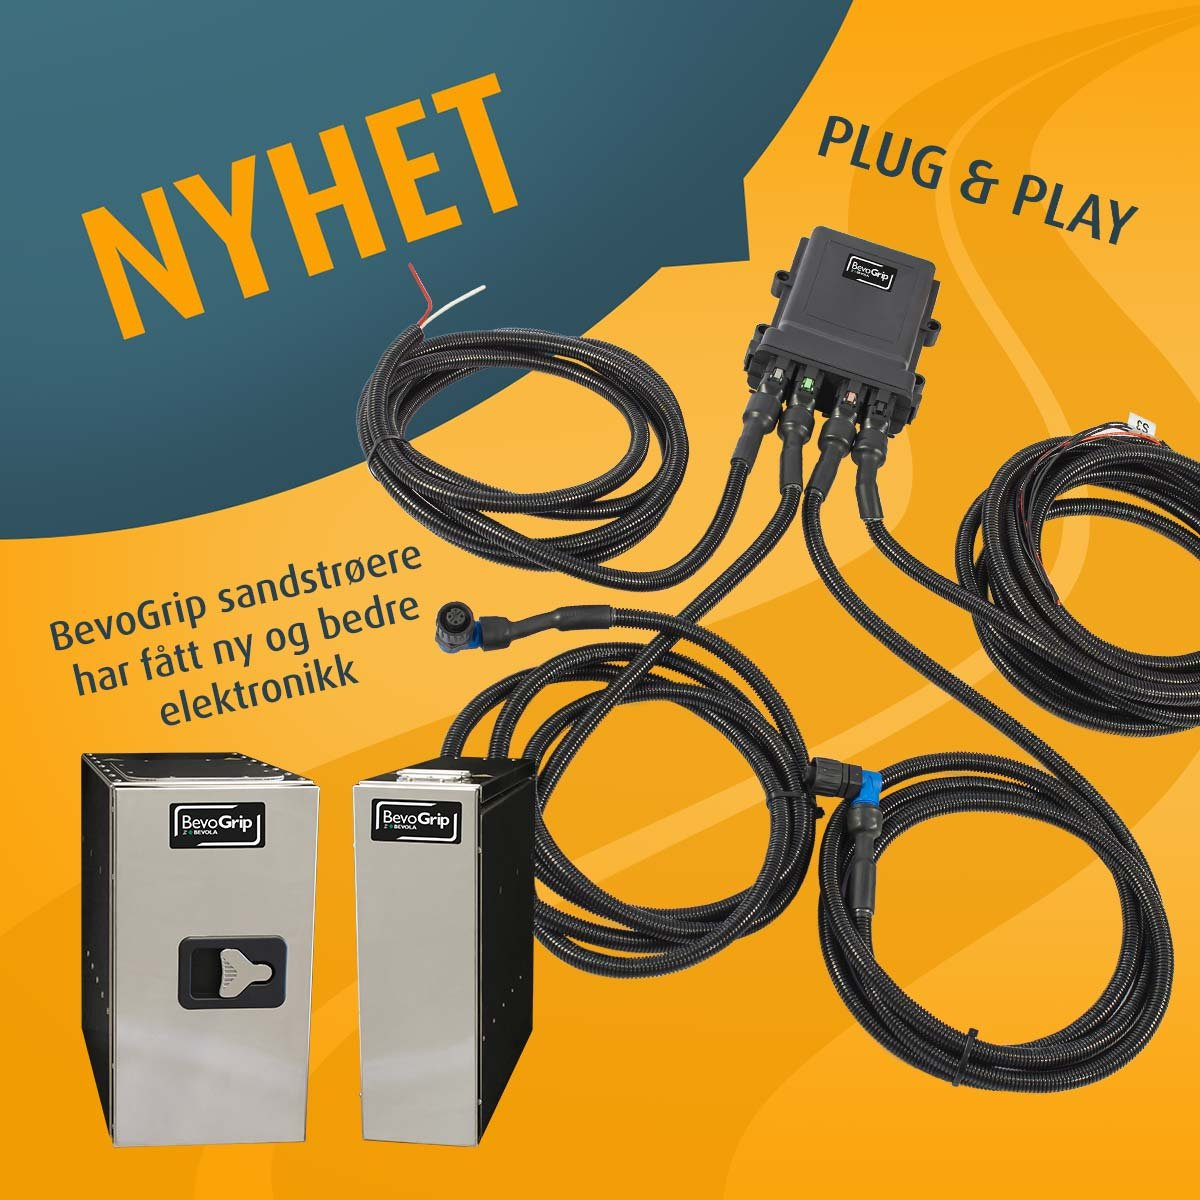 Ny Plug and play elektronikk